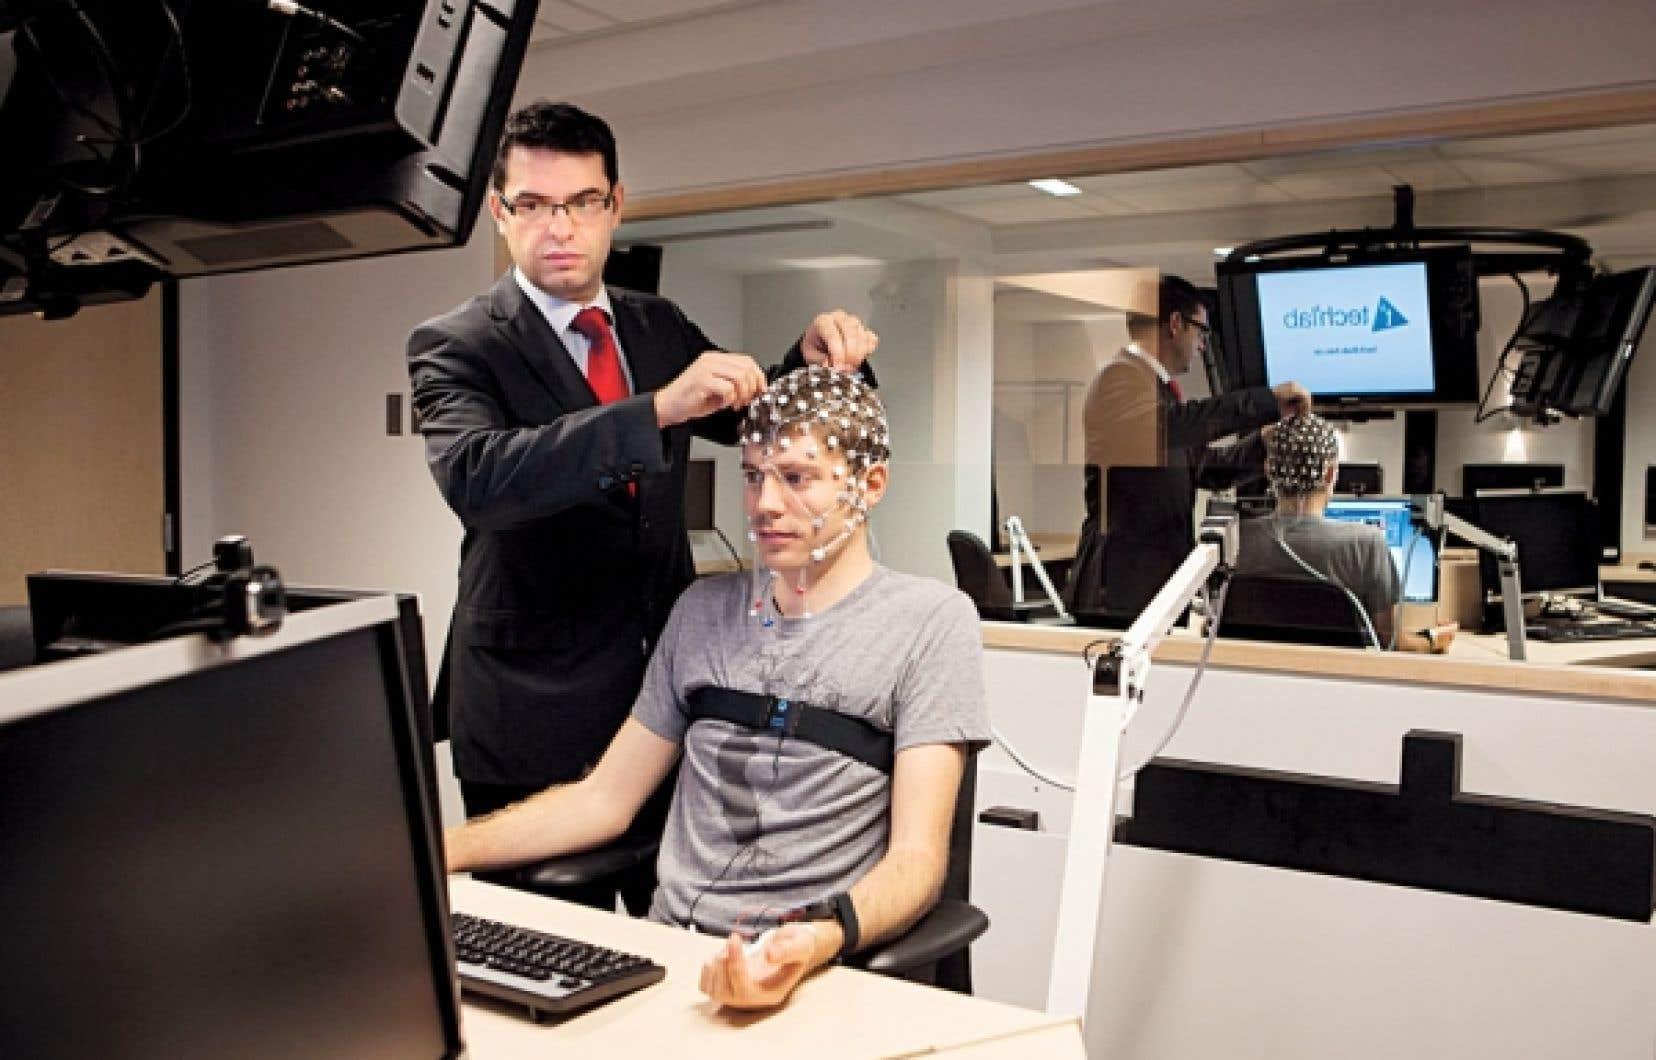 Au Tech3Lab, un des rares laboratoires à permettre l'enregistrement simultané de plusieurs participants, le codirecteur Pierre-Majorique Léger enregistre l'activité électrique du cerveau de sujets à l'aide de casques à large bande de 32 électrodes.